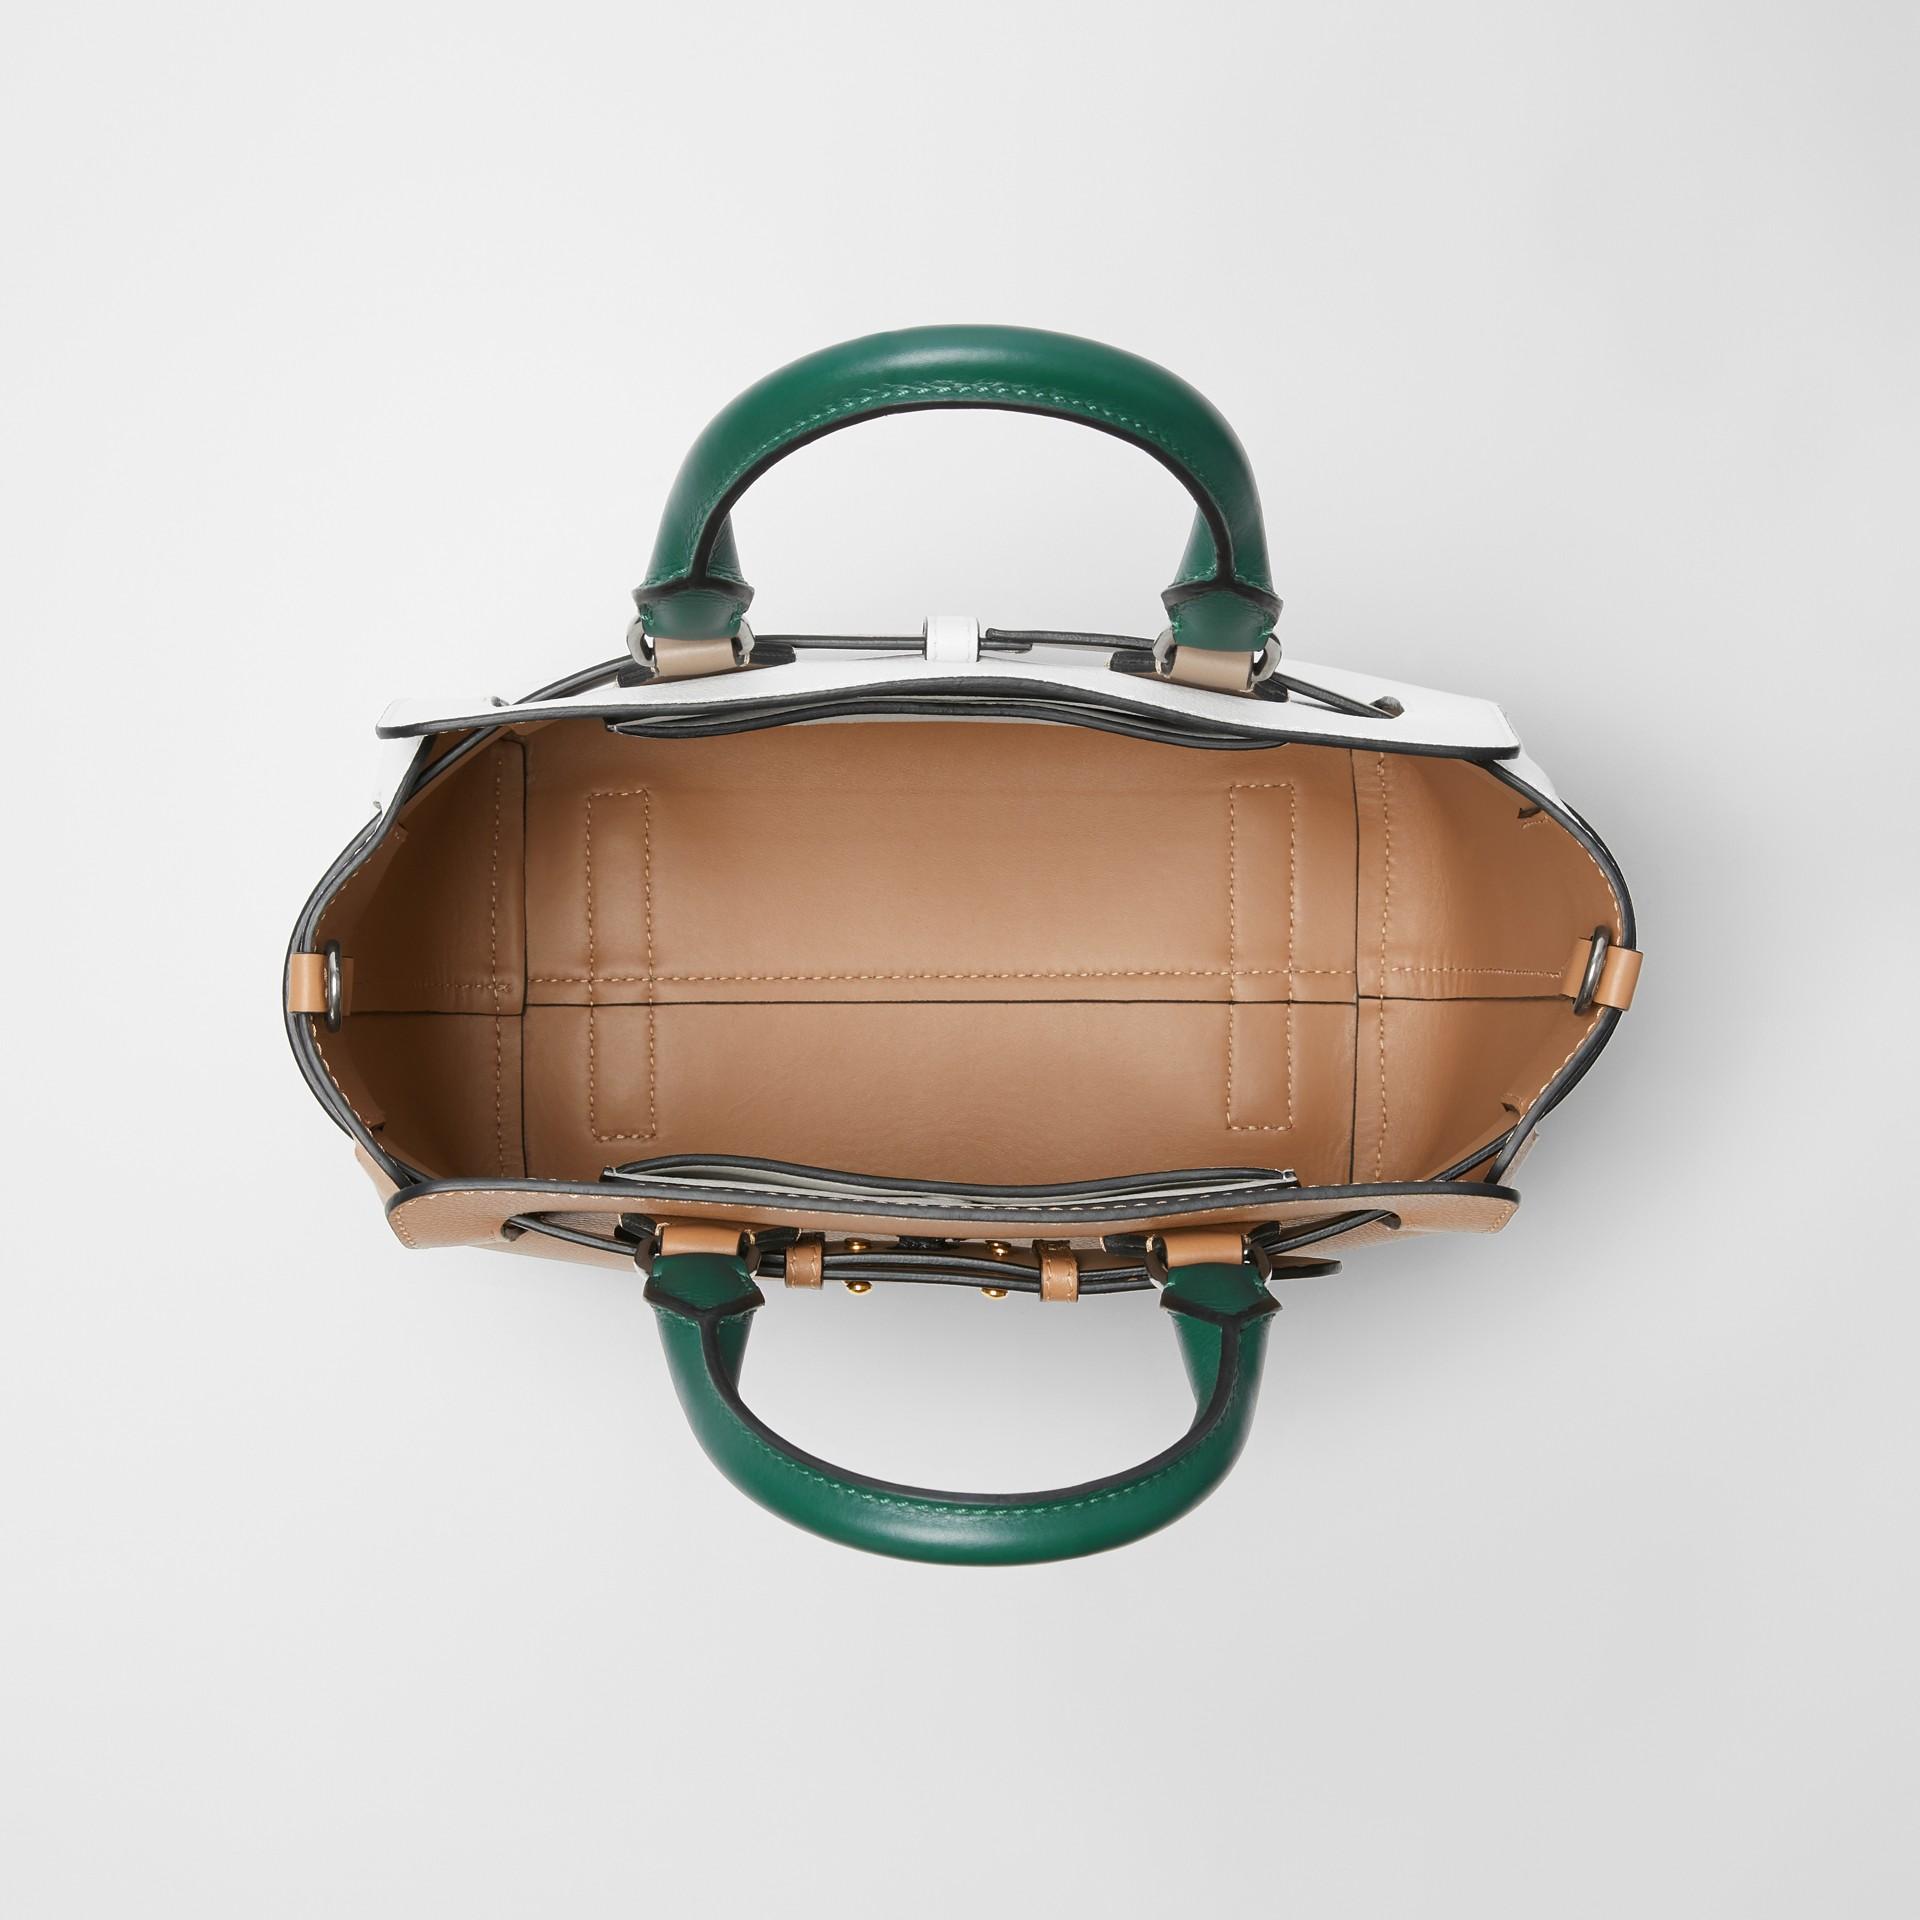 スモール トライカラー レザー ベルトバッグ (ライトキャメル) - ウィメンズ | バーバリー - ギャラリーイメージ 5